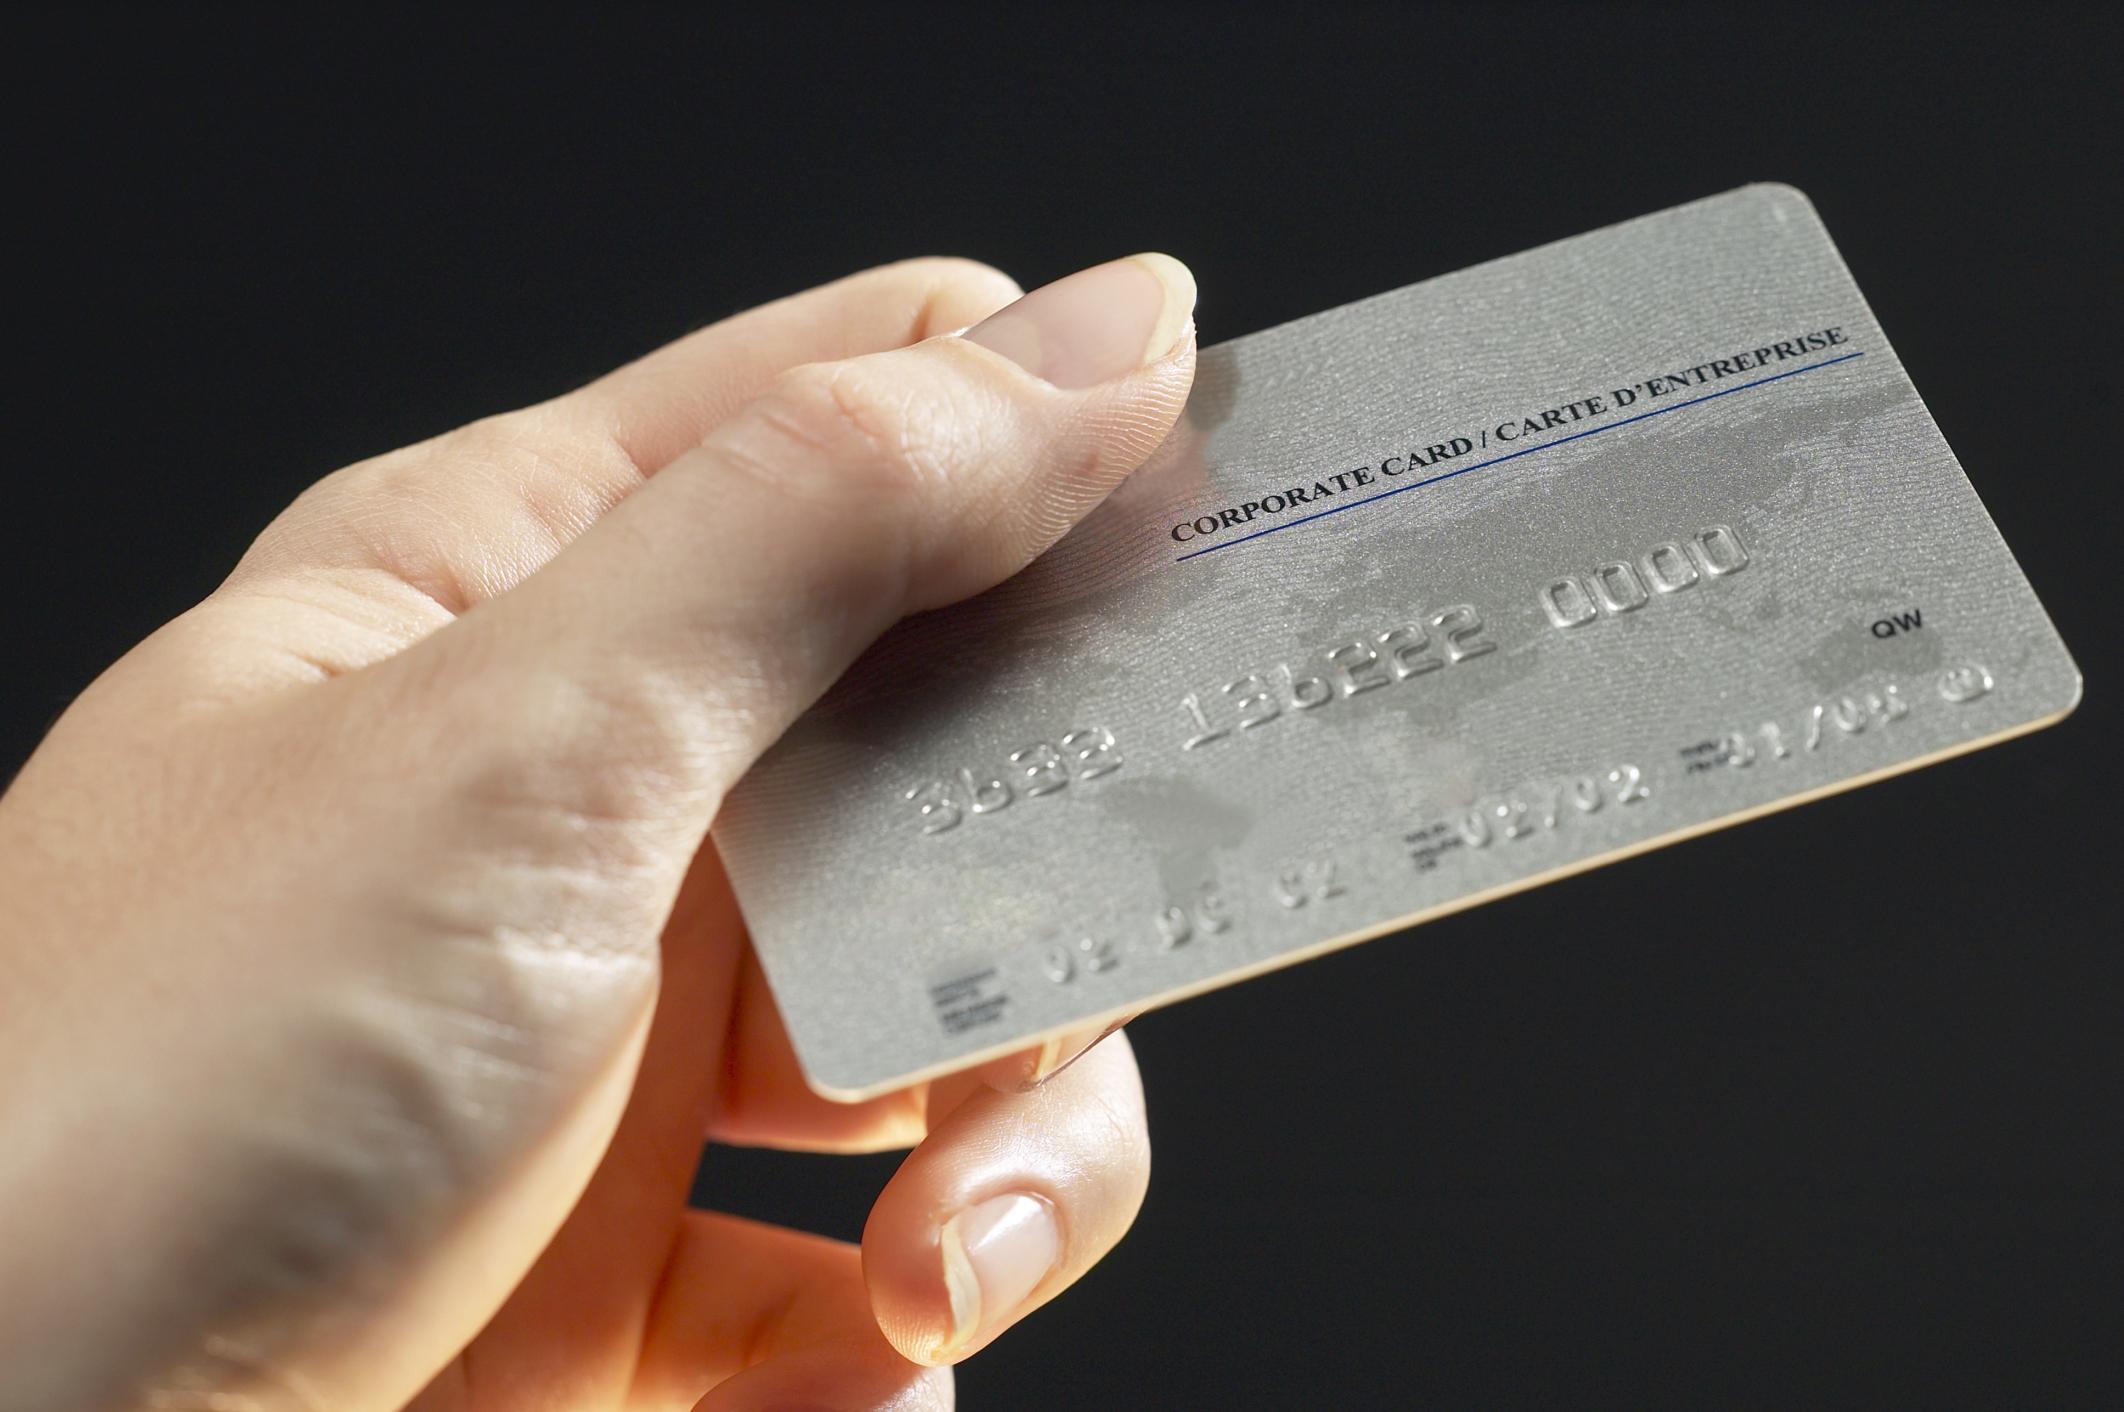 Resultado de imagen para tirar tarjeta de credito